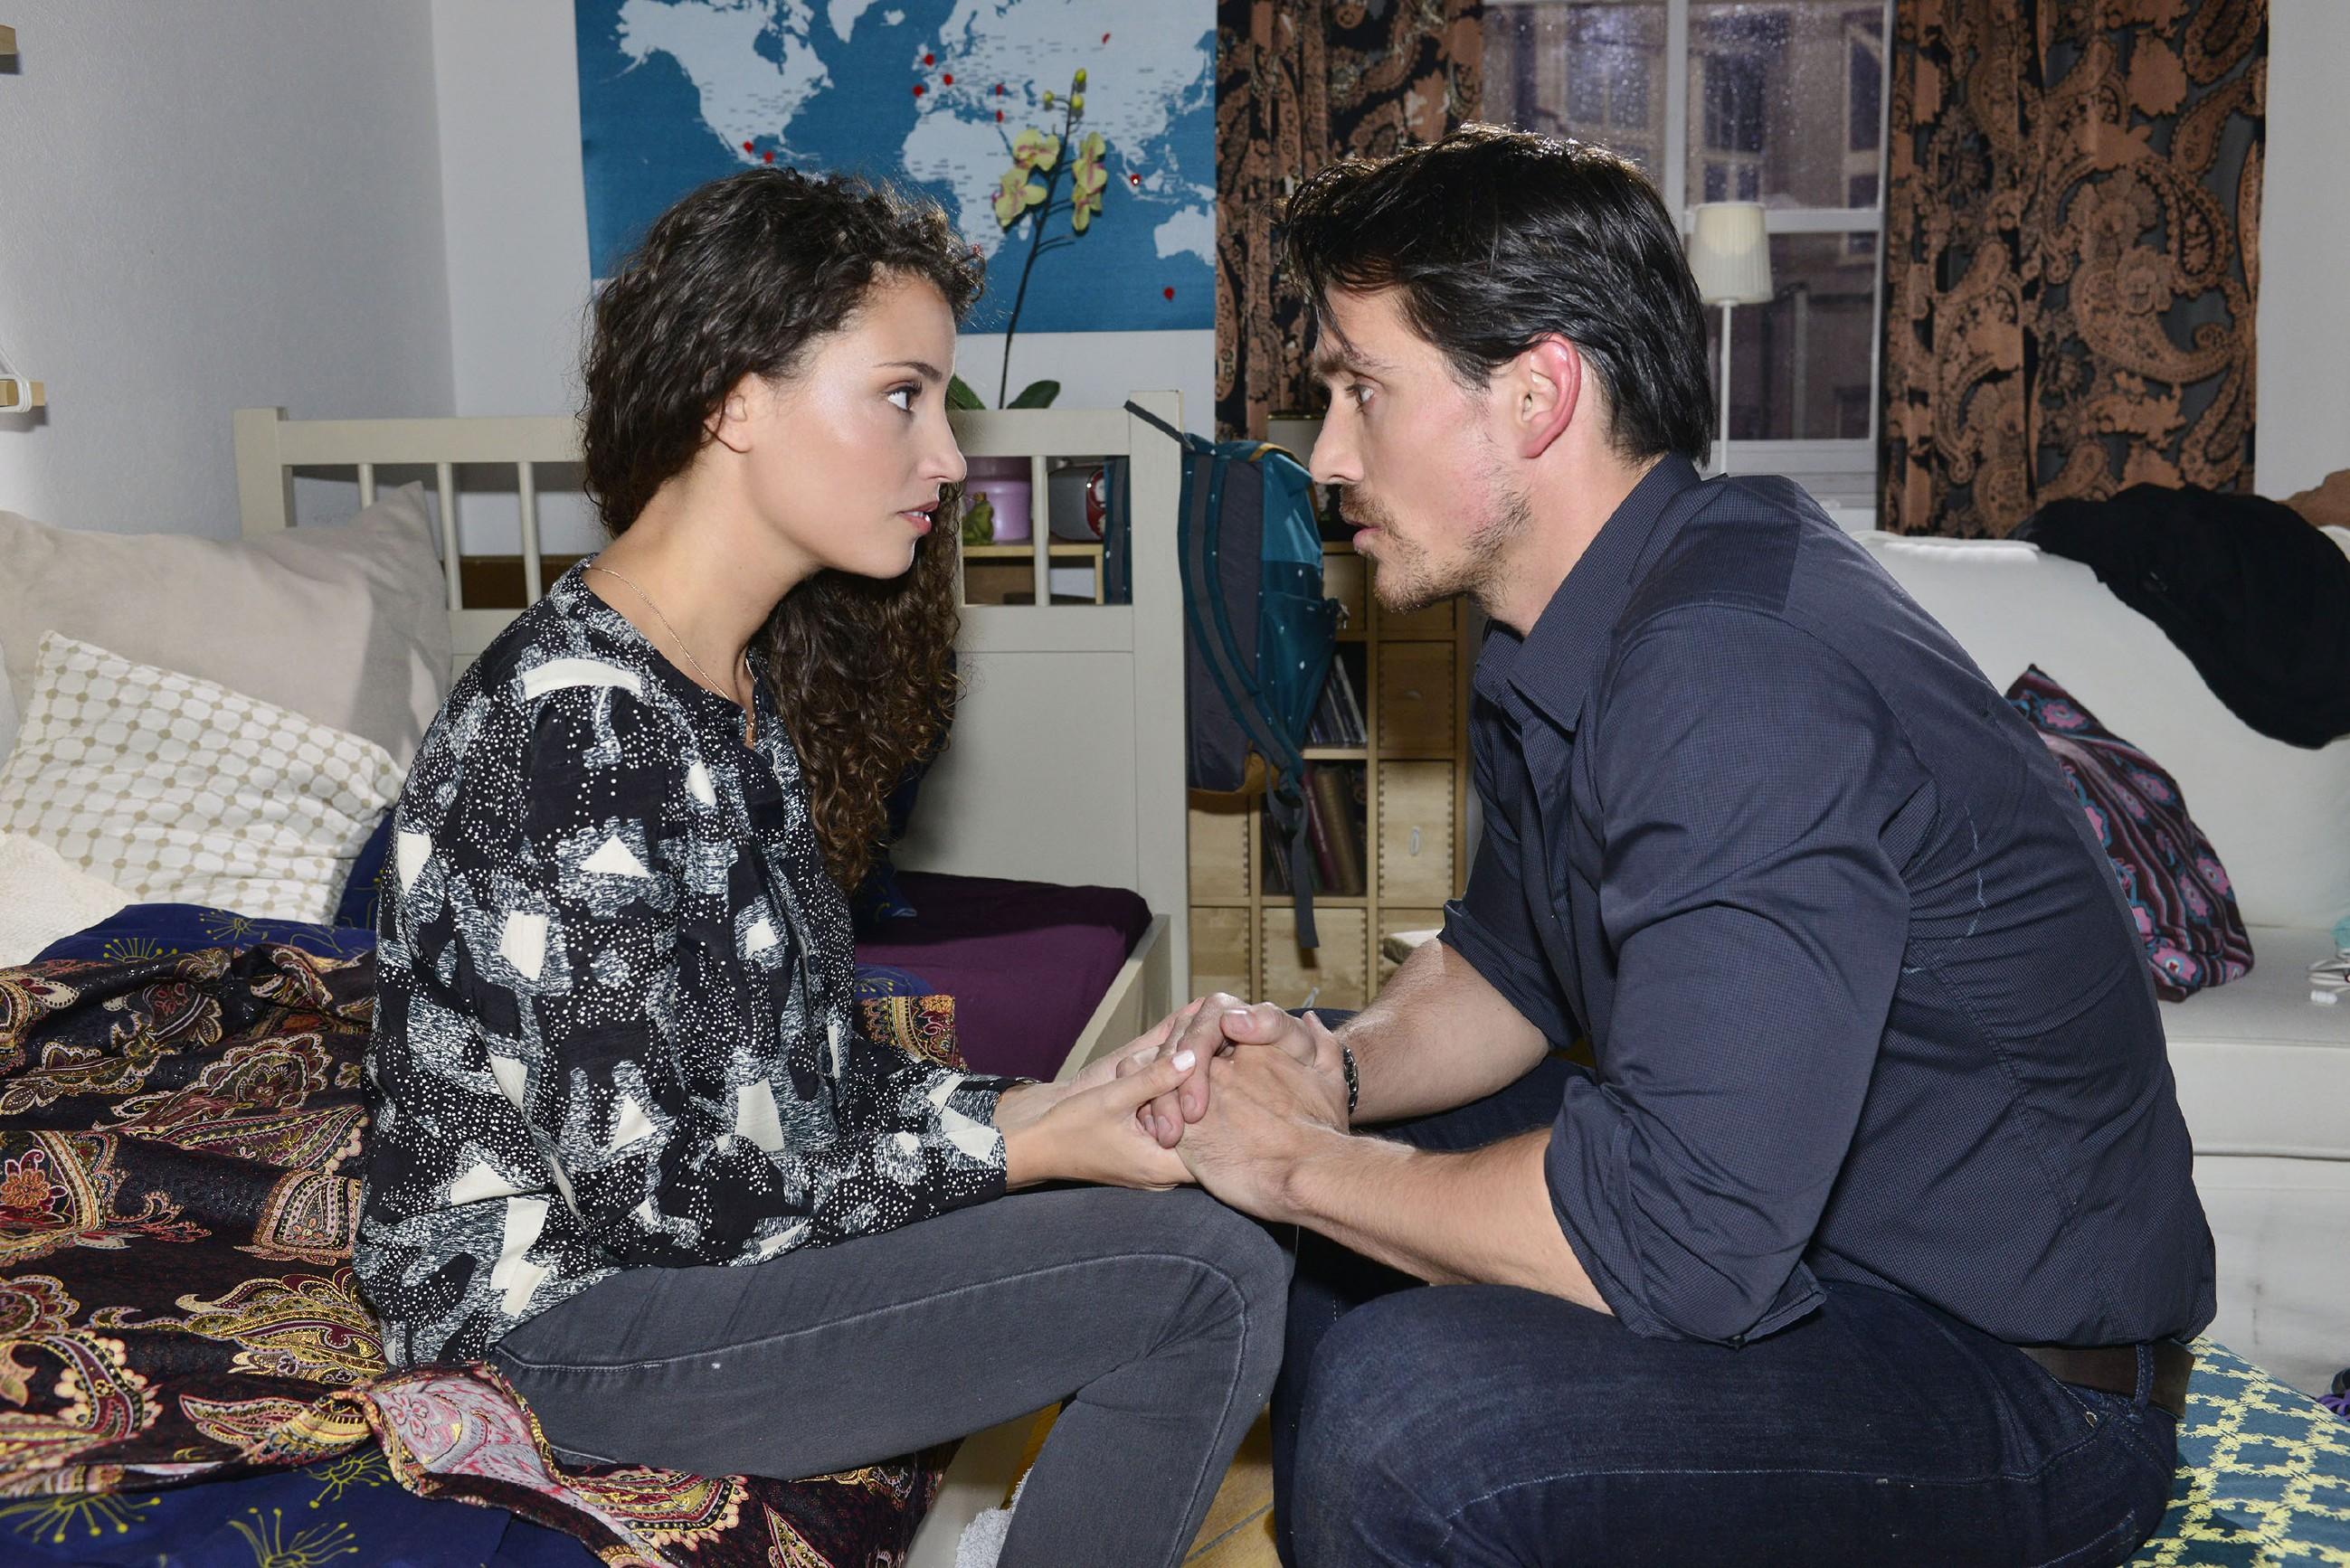 Als David (Philipp Christopher) Ayla (Nadine Menz) die ganze Wahrheit über den Unfall und Gerners Drohungen gesteht, scheint sich das Paar für einen kurzen Moment wiederzufinden. Aber haben die beiden wirklich eine gemeinsame Zukunft? (Quelle: RTL / Rolf Baumgartner)